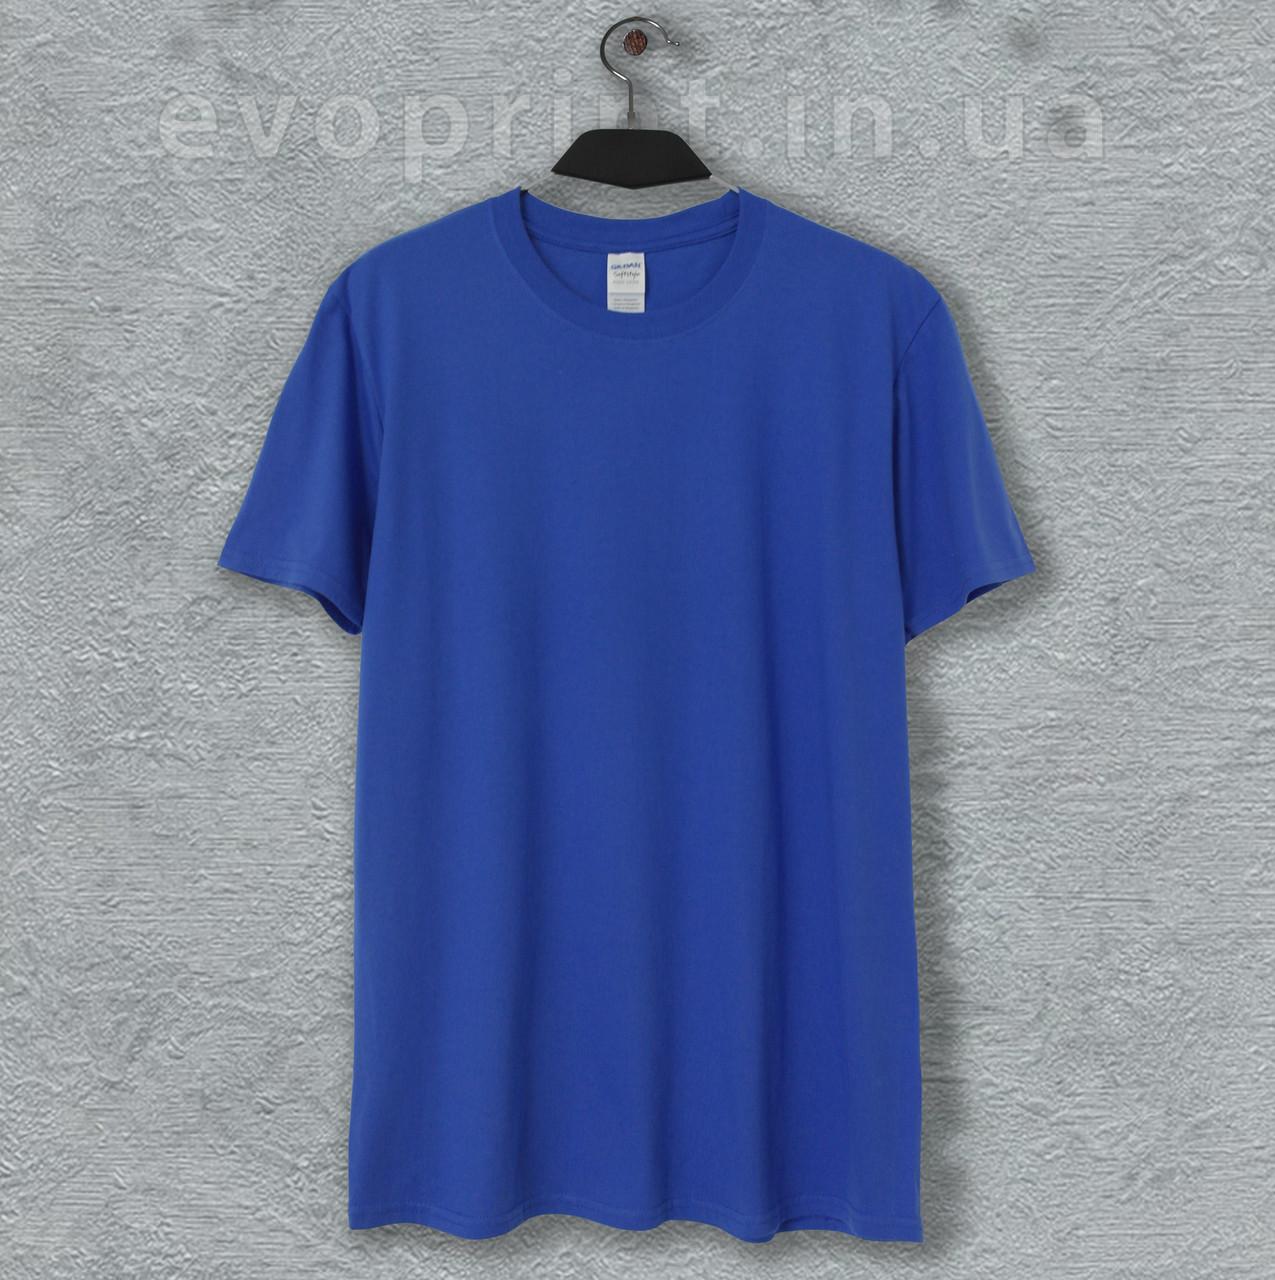 Мужская футболка однотонная ярко синяя